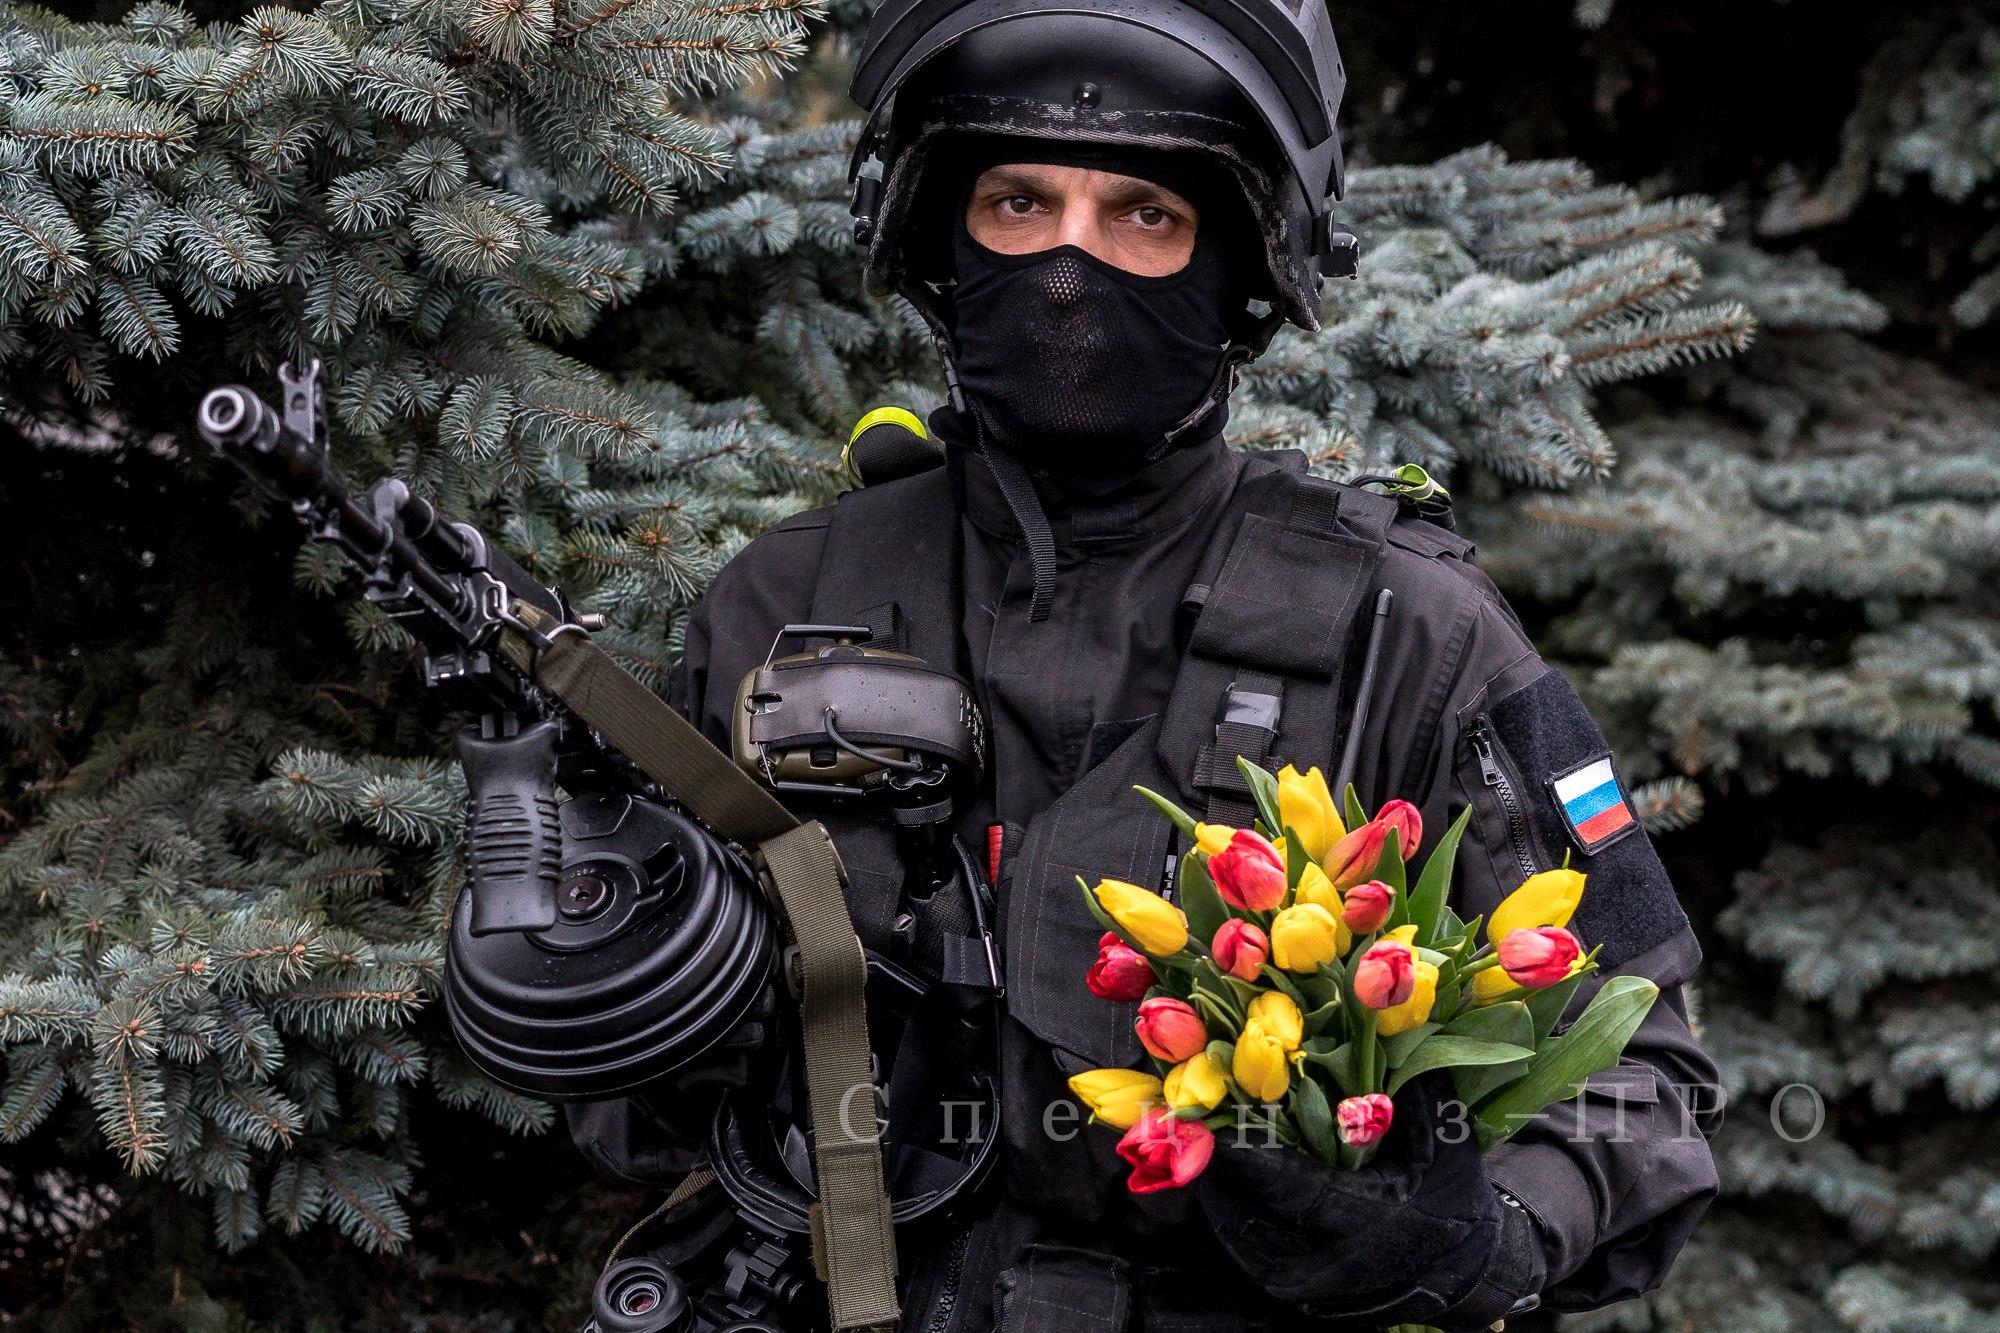 Картинка с днем рождения сотруднику спецназа, для мамы